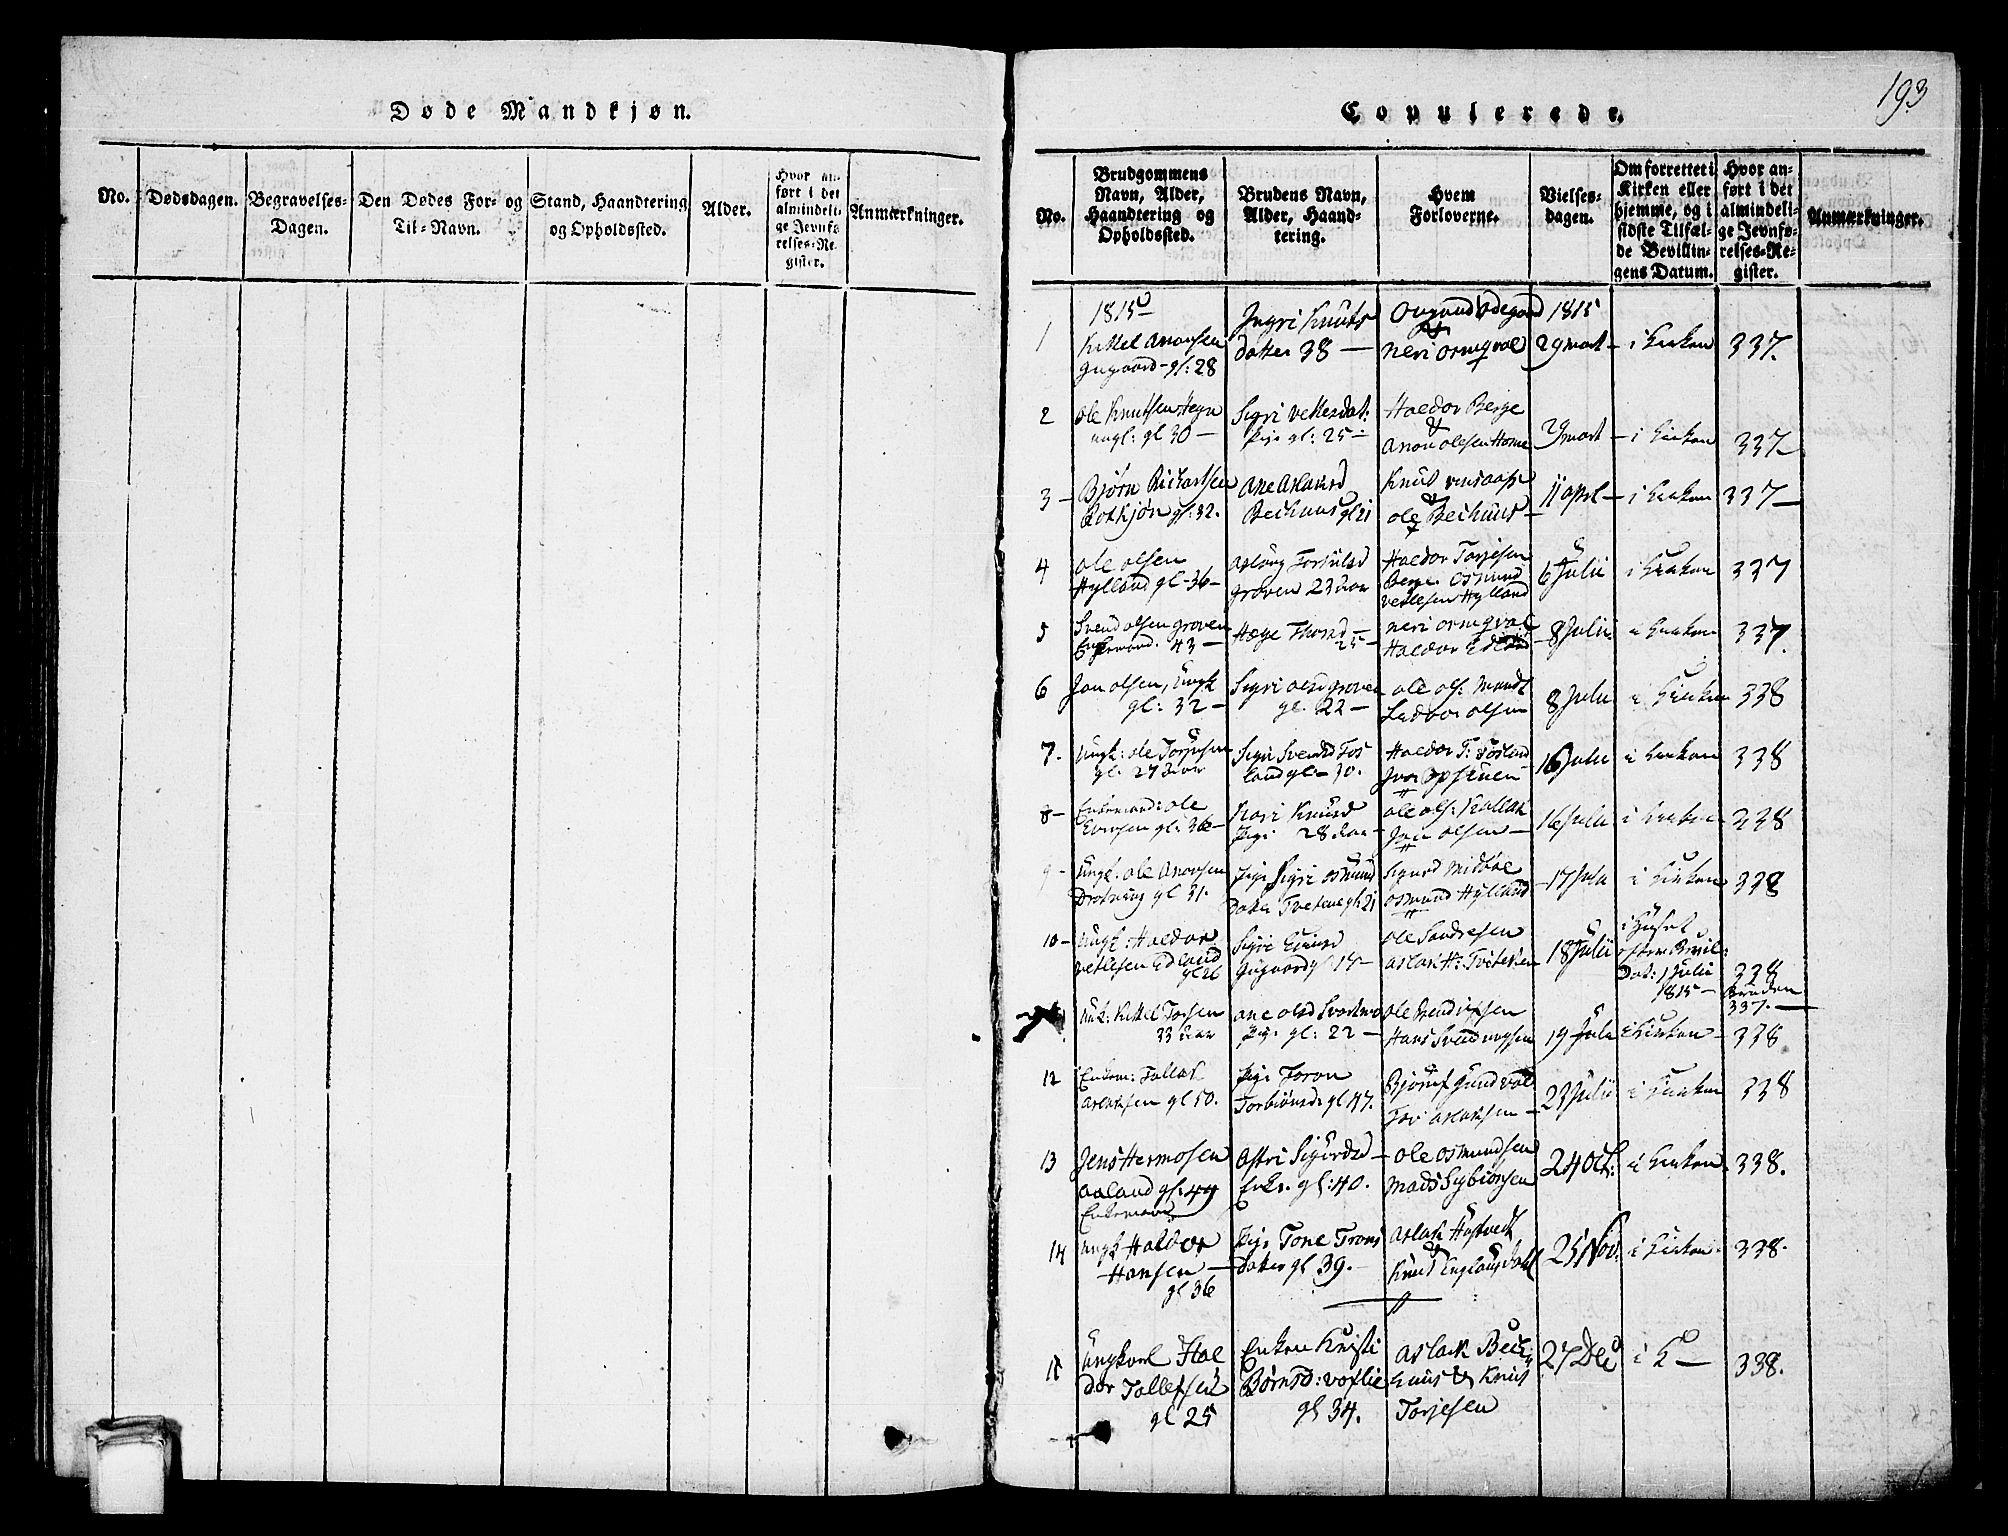 SAKO, Vinje kirkebøker, G/Ga/L0001: Klokkerbok nr. I 1, 1814-1843, s. 193